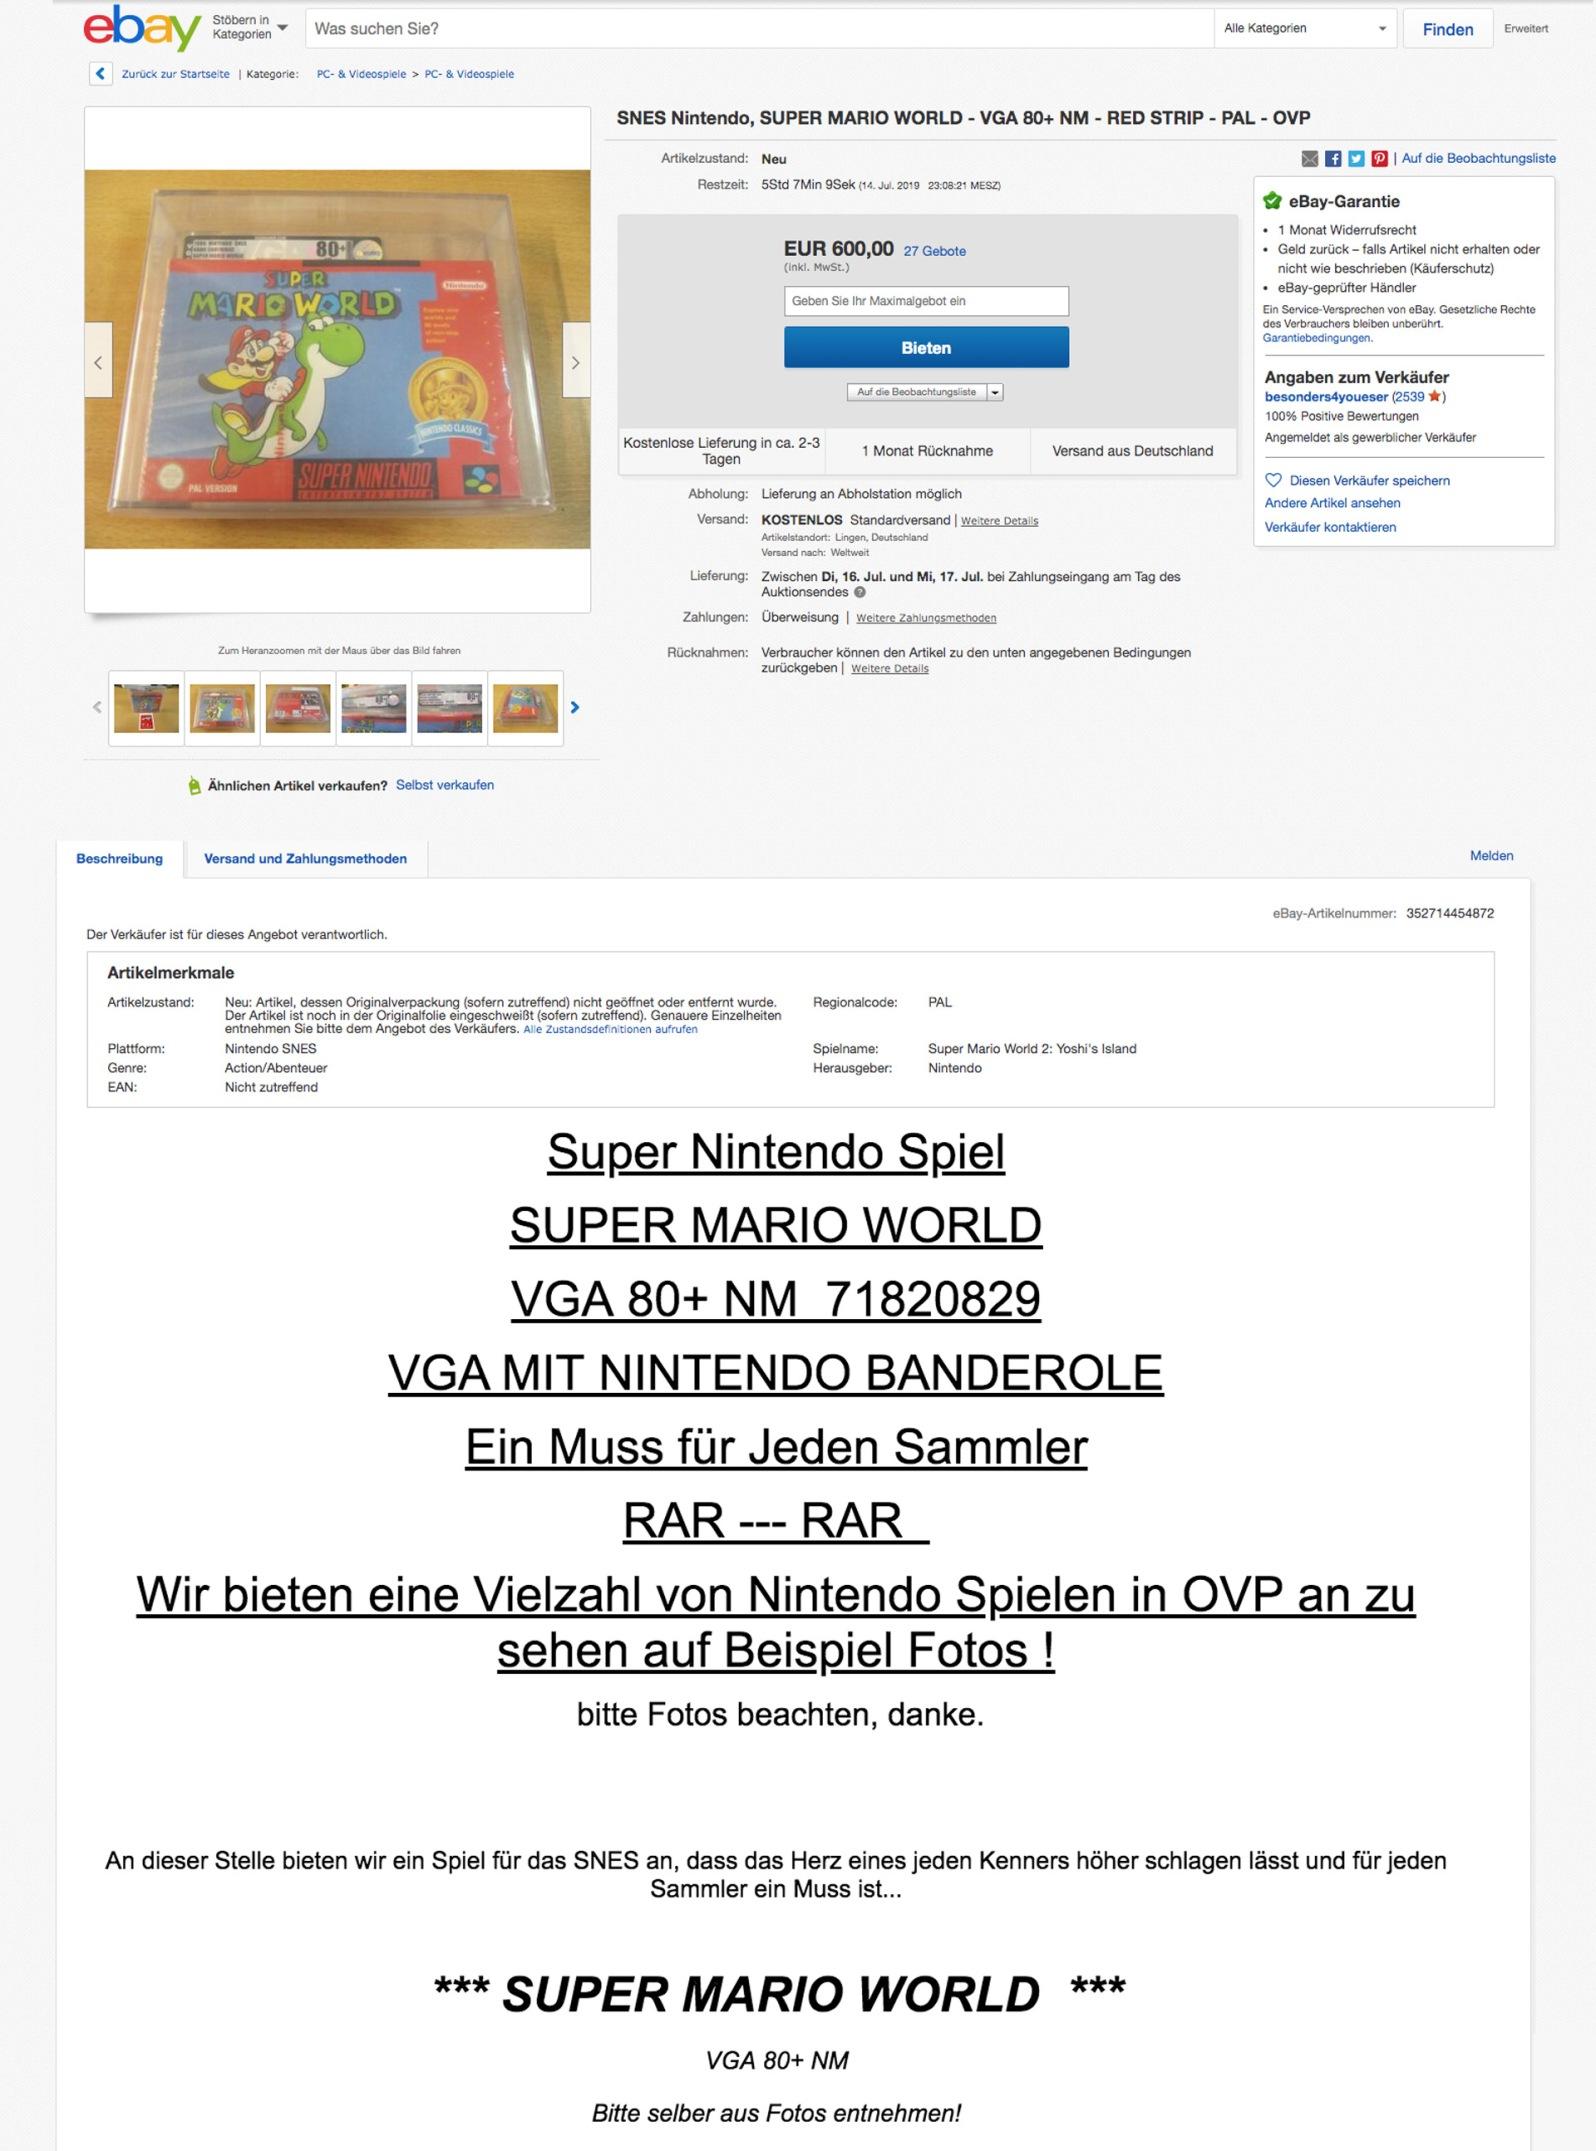 Quelle: Ebay - SNES Spiel - Super Mario World in Original Verpackung (eingeschweißt und VGA Zertifikat)